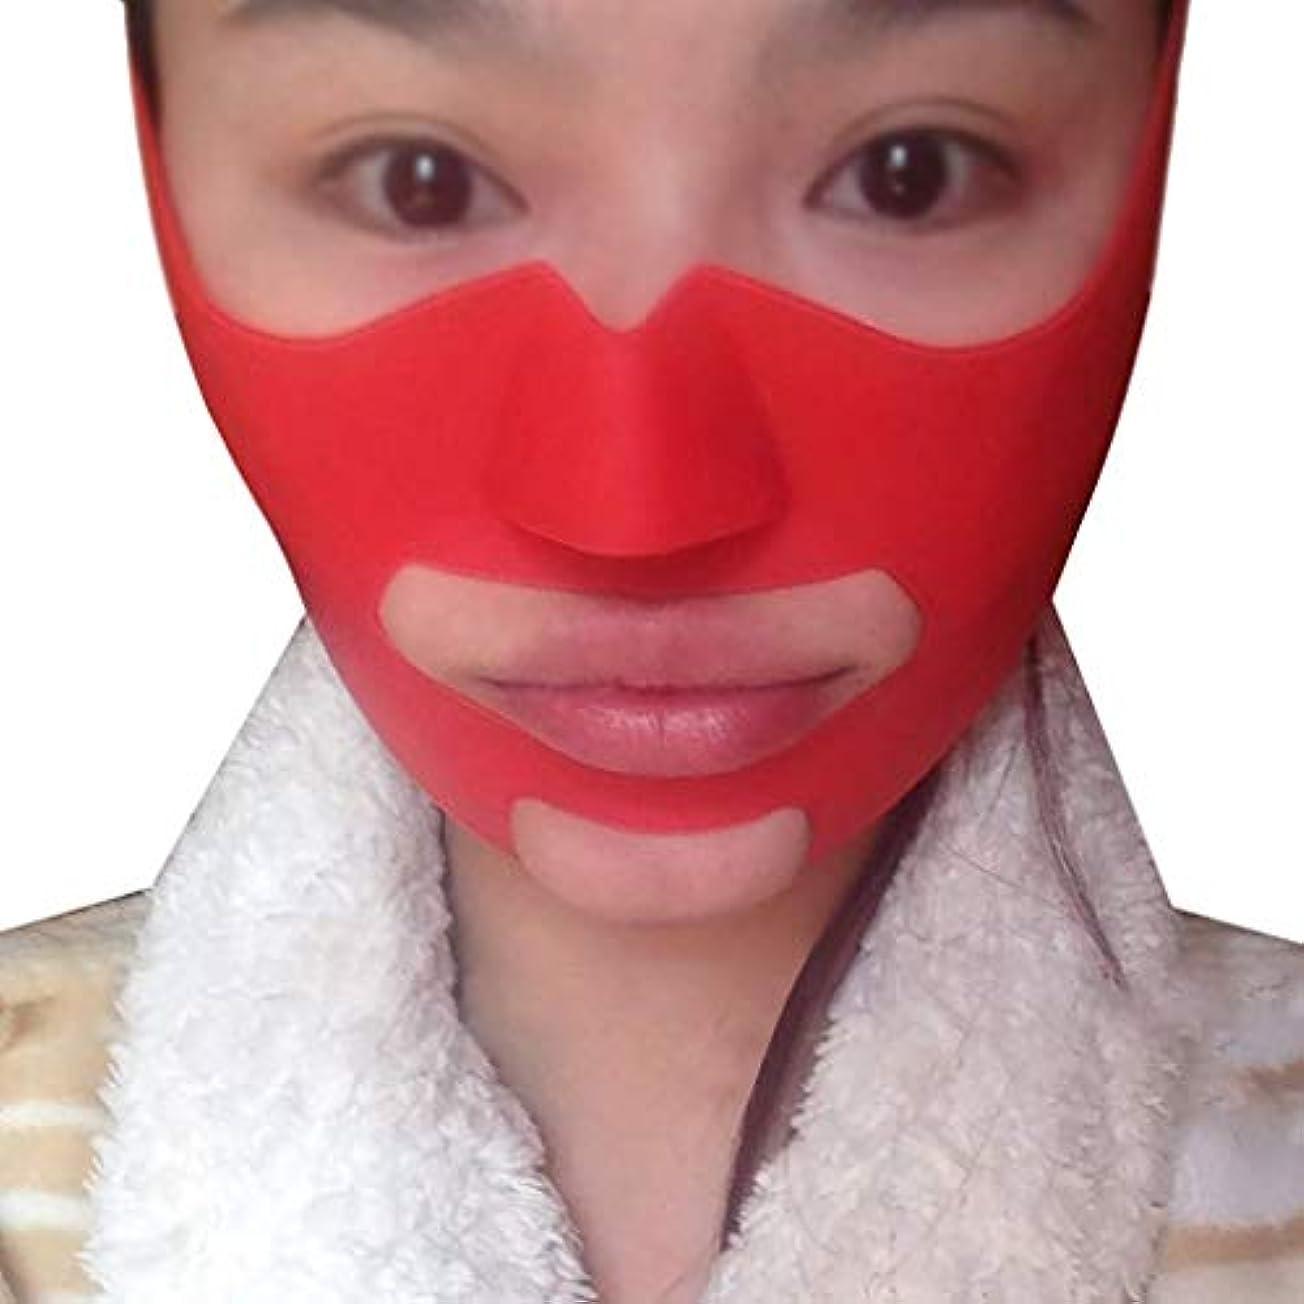 ルーチン規範ポンドフェイスリフトマスク、シリコーンVフェイスマスクフェイスマスク強力な薄い咬筋筋肉を持ち上げるアップルの筋肉パターン布アーティファクト小さなV顔包帯顔と首リフト